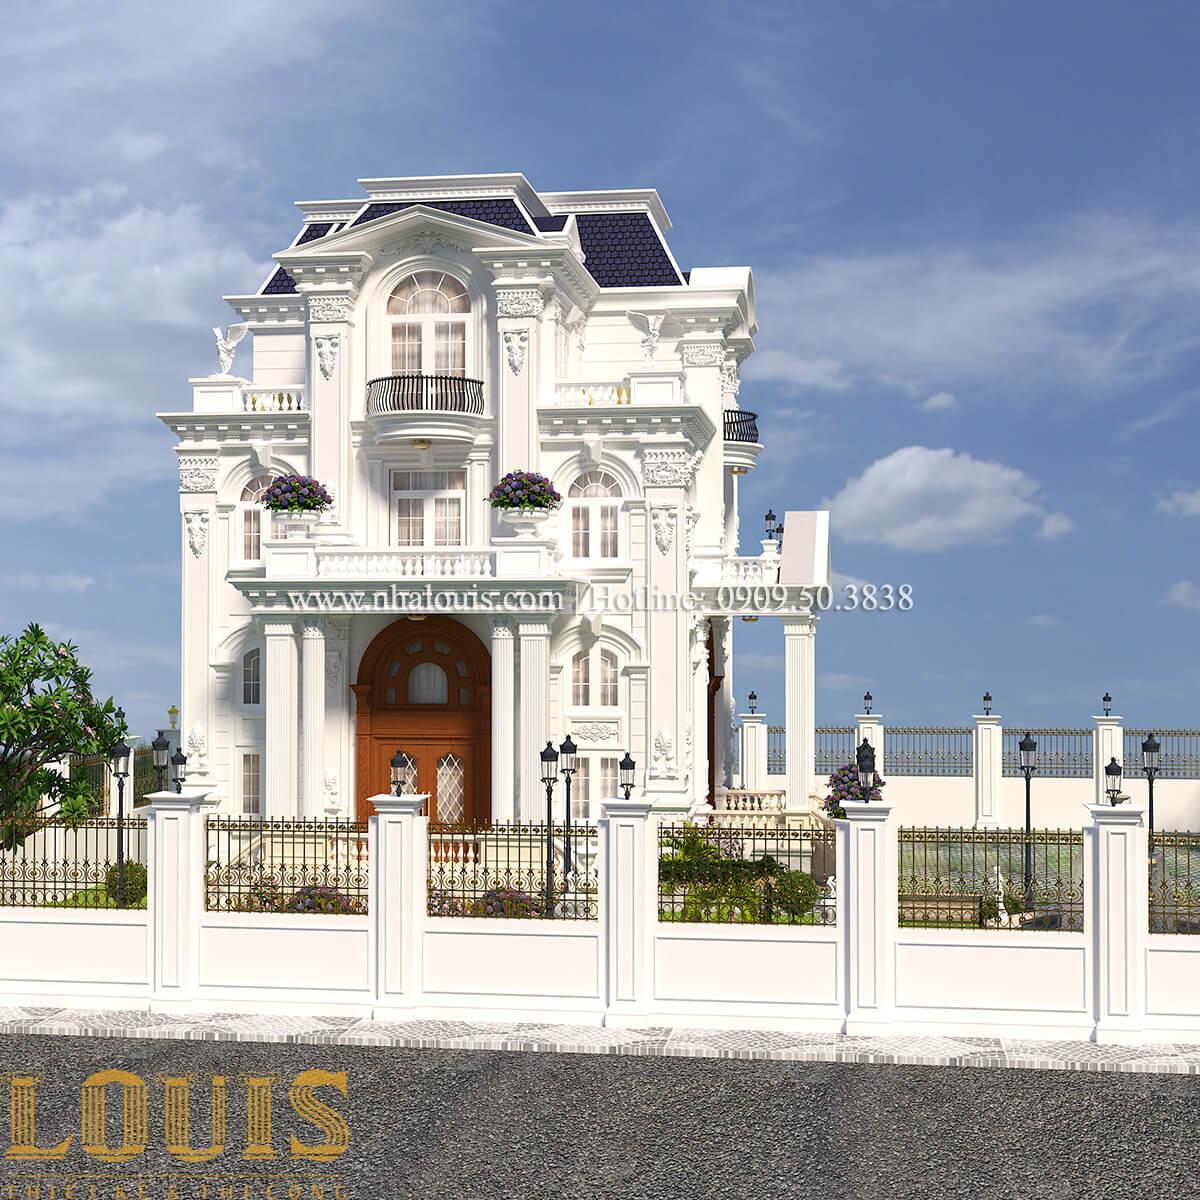 Mặt tiền Thiết kế biệt thự phong cách tân cổ điển đậm chất lãng mạn tại Vĩnh Long - 03